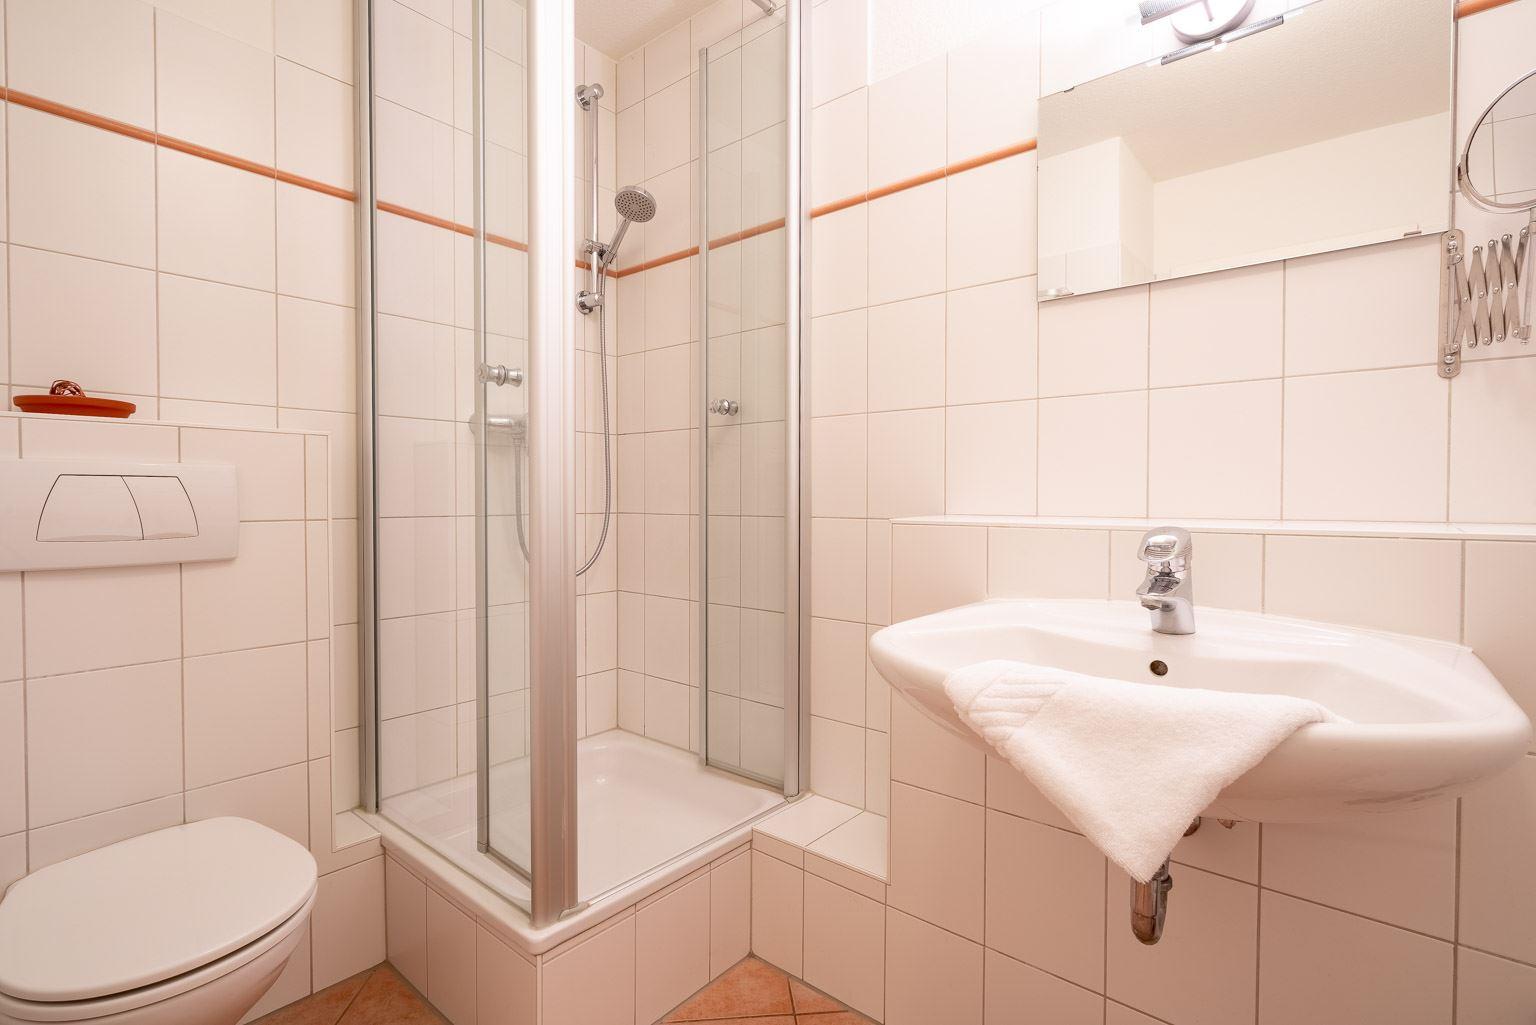 """Haus Zum Böhler Strand 10, Wohnung 11 """"Barghahn"""" (ID 365) - Badezimmer"""